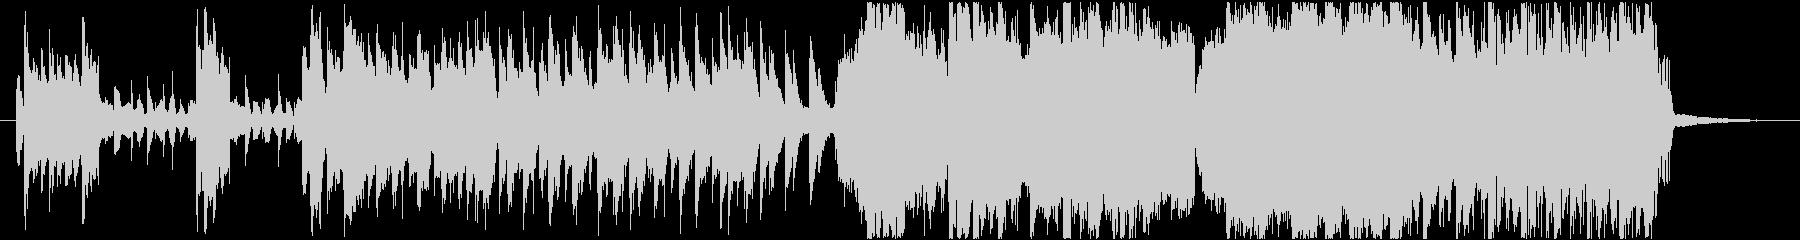 CM用 攻撃的なエレクトロロック の未再生の波形